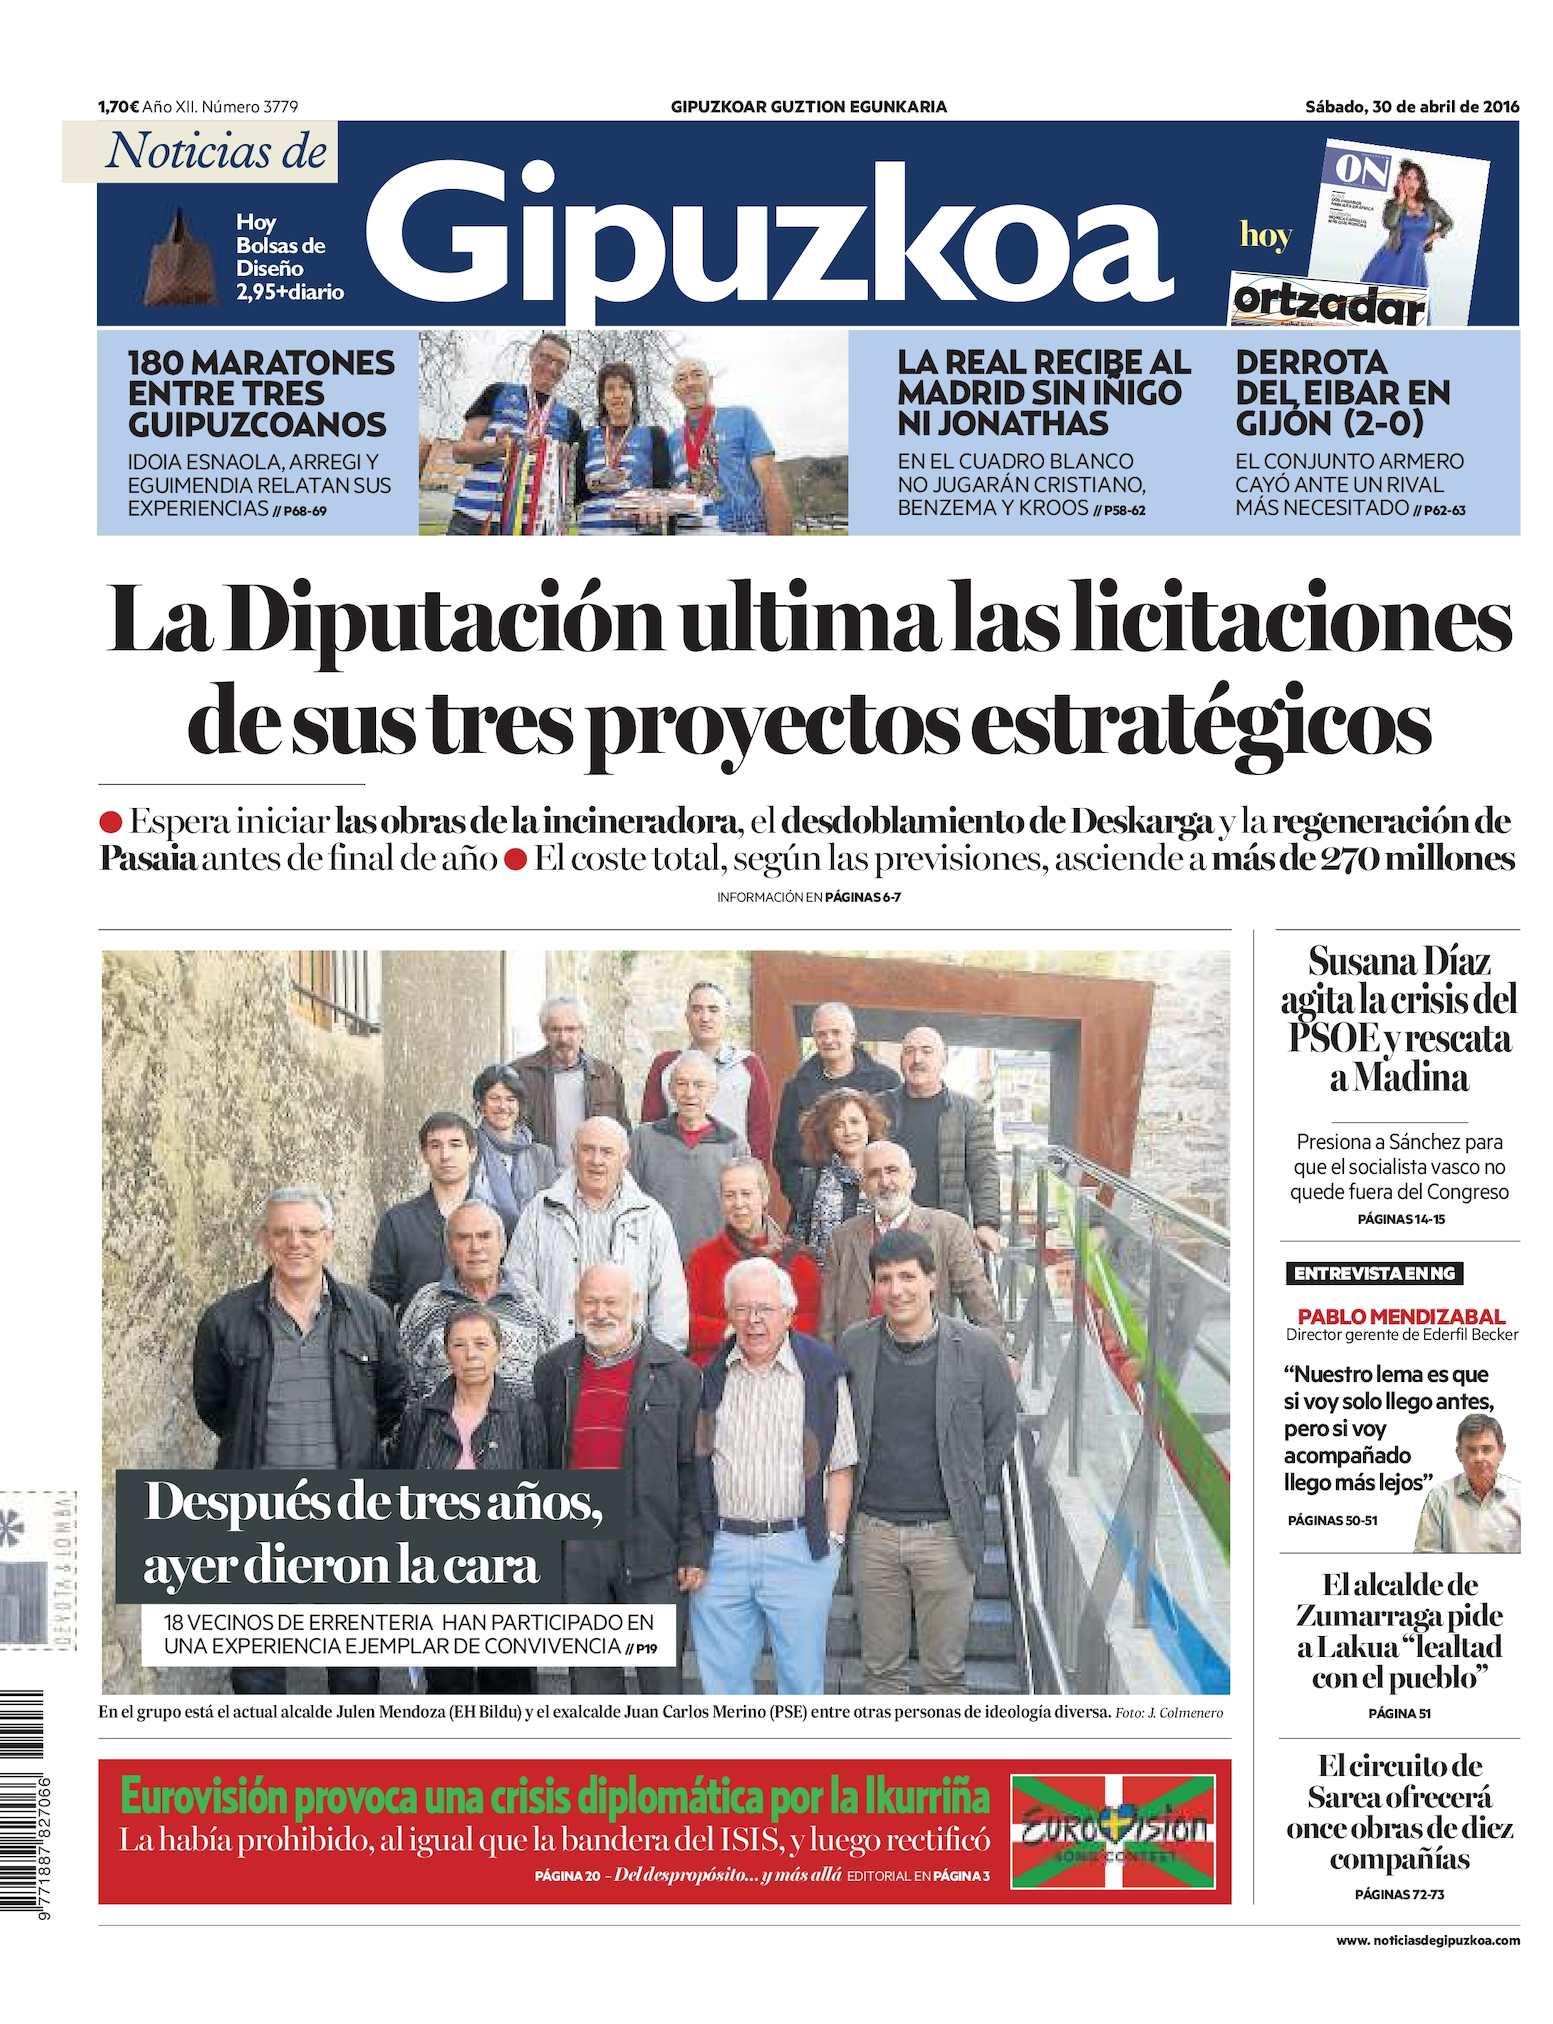 Calaméo - Noticias de Gipuzkoa 20160430